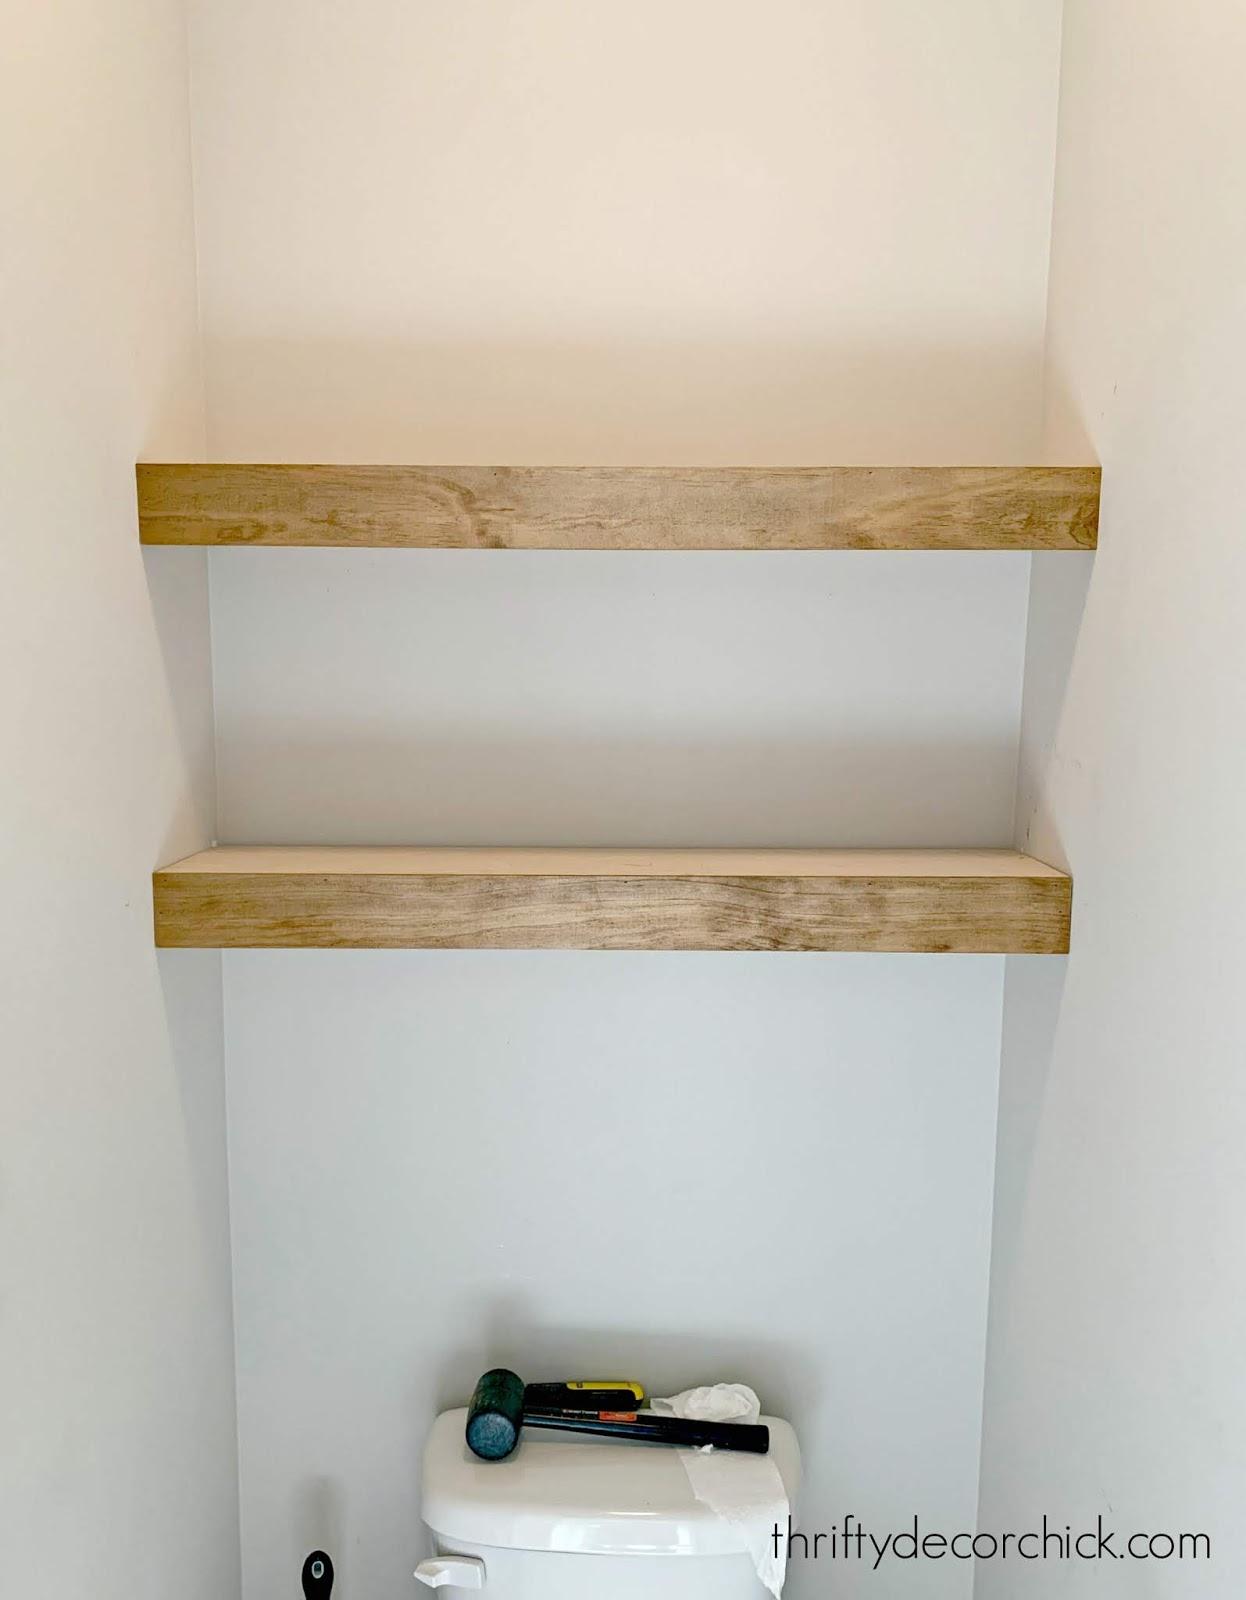 Installing shelves above toilet